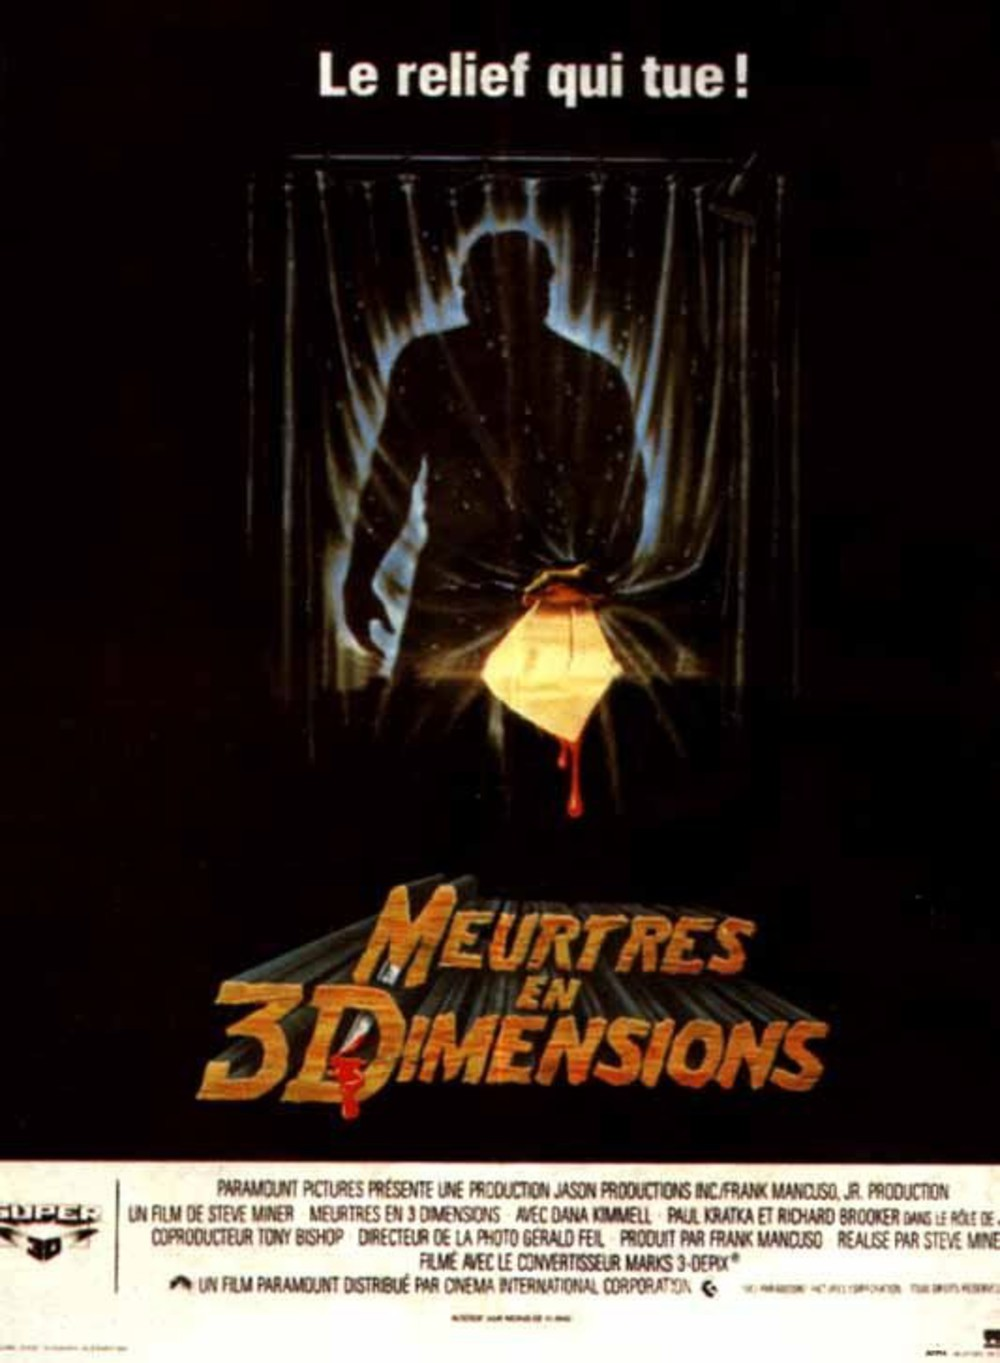 affiche du film Vendredi 13 - Chapitre 3 : Meurtres en 3 dimensions